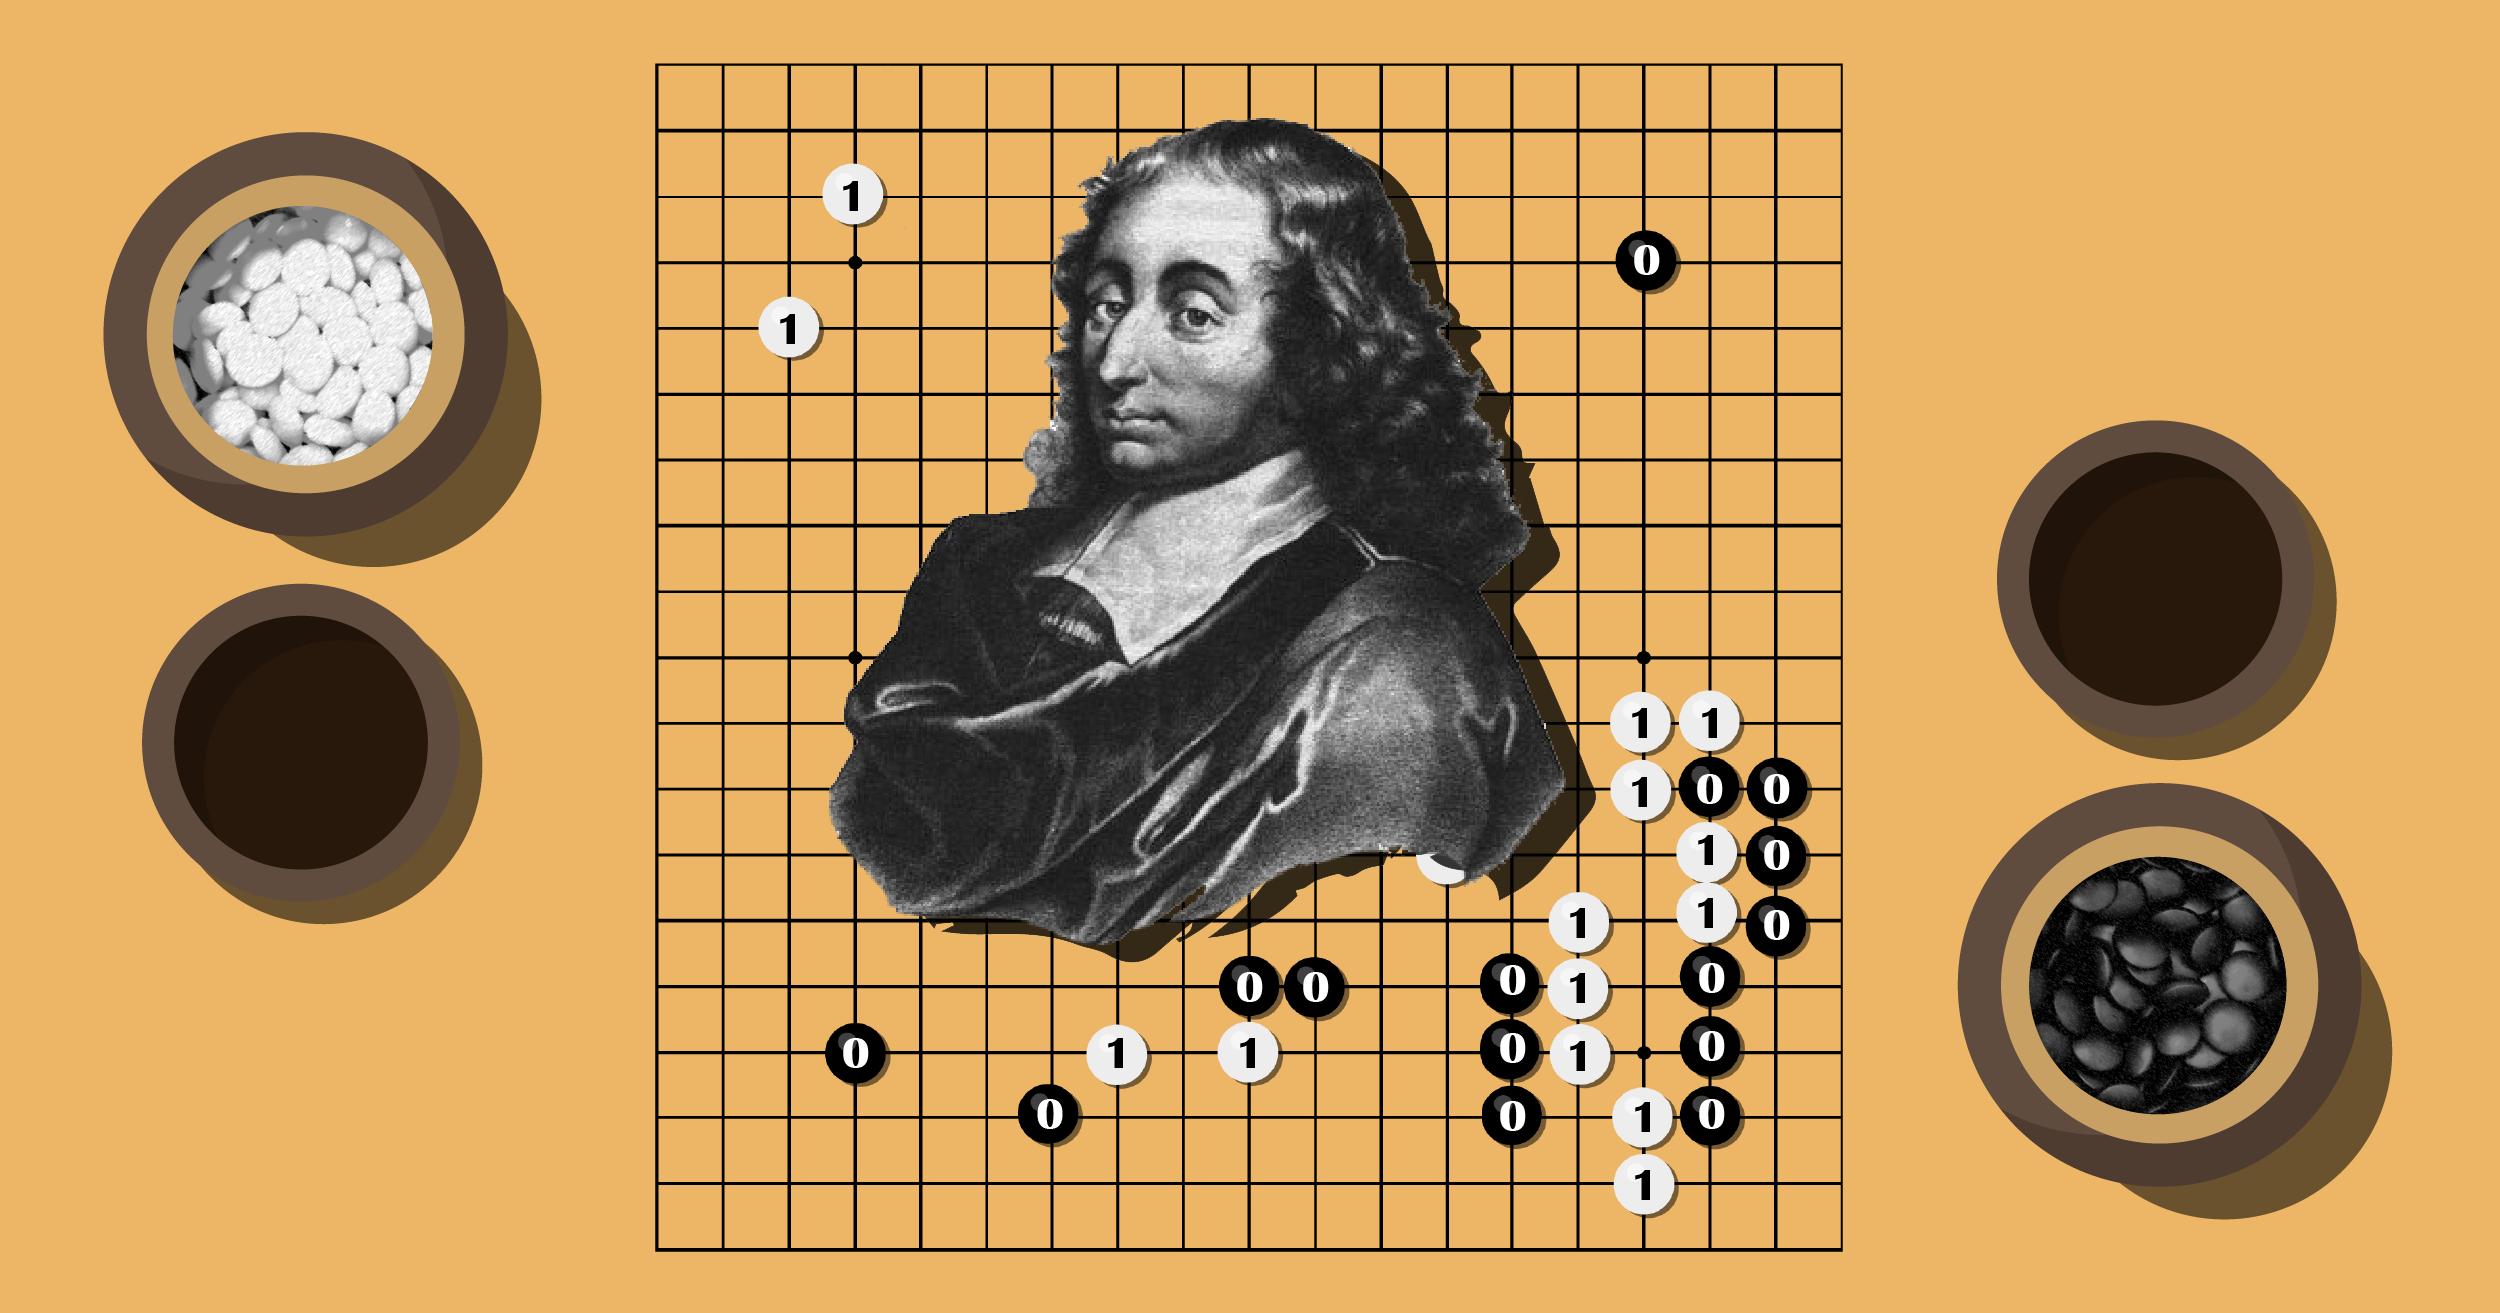 Паскаль играет в Go. Реализация методов и интерфейсов в любительском компиляторе